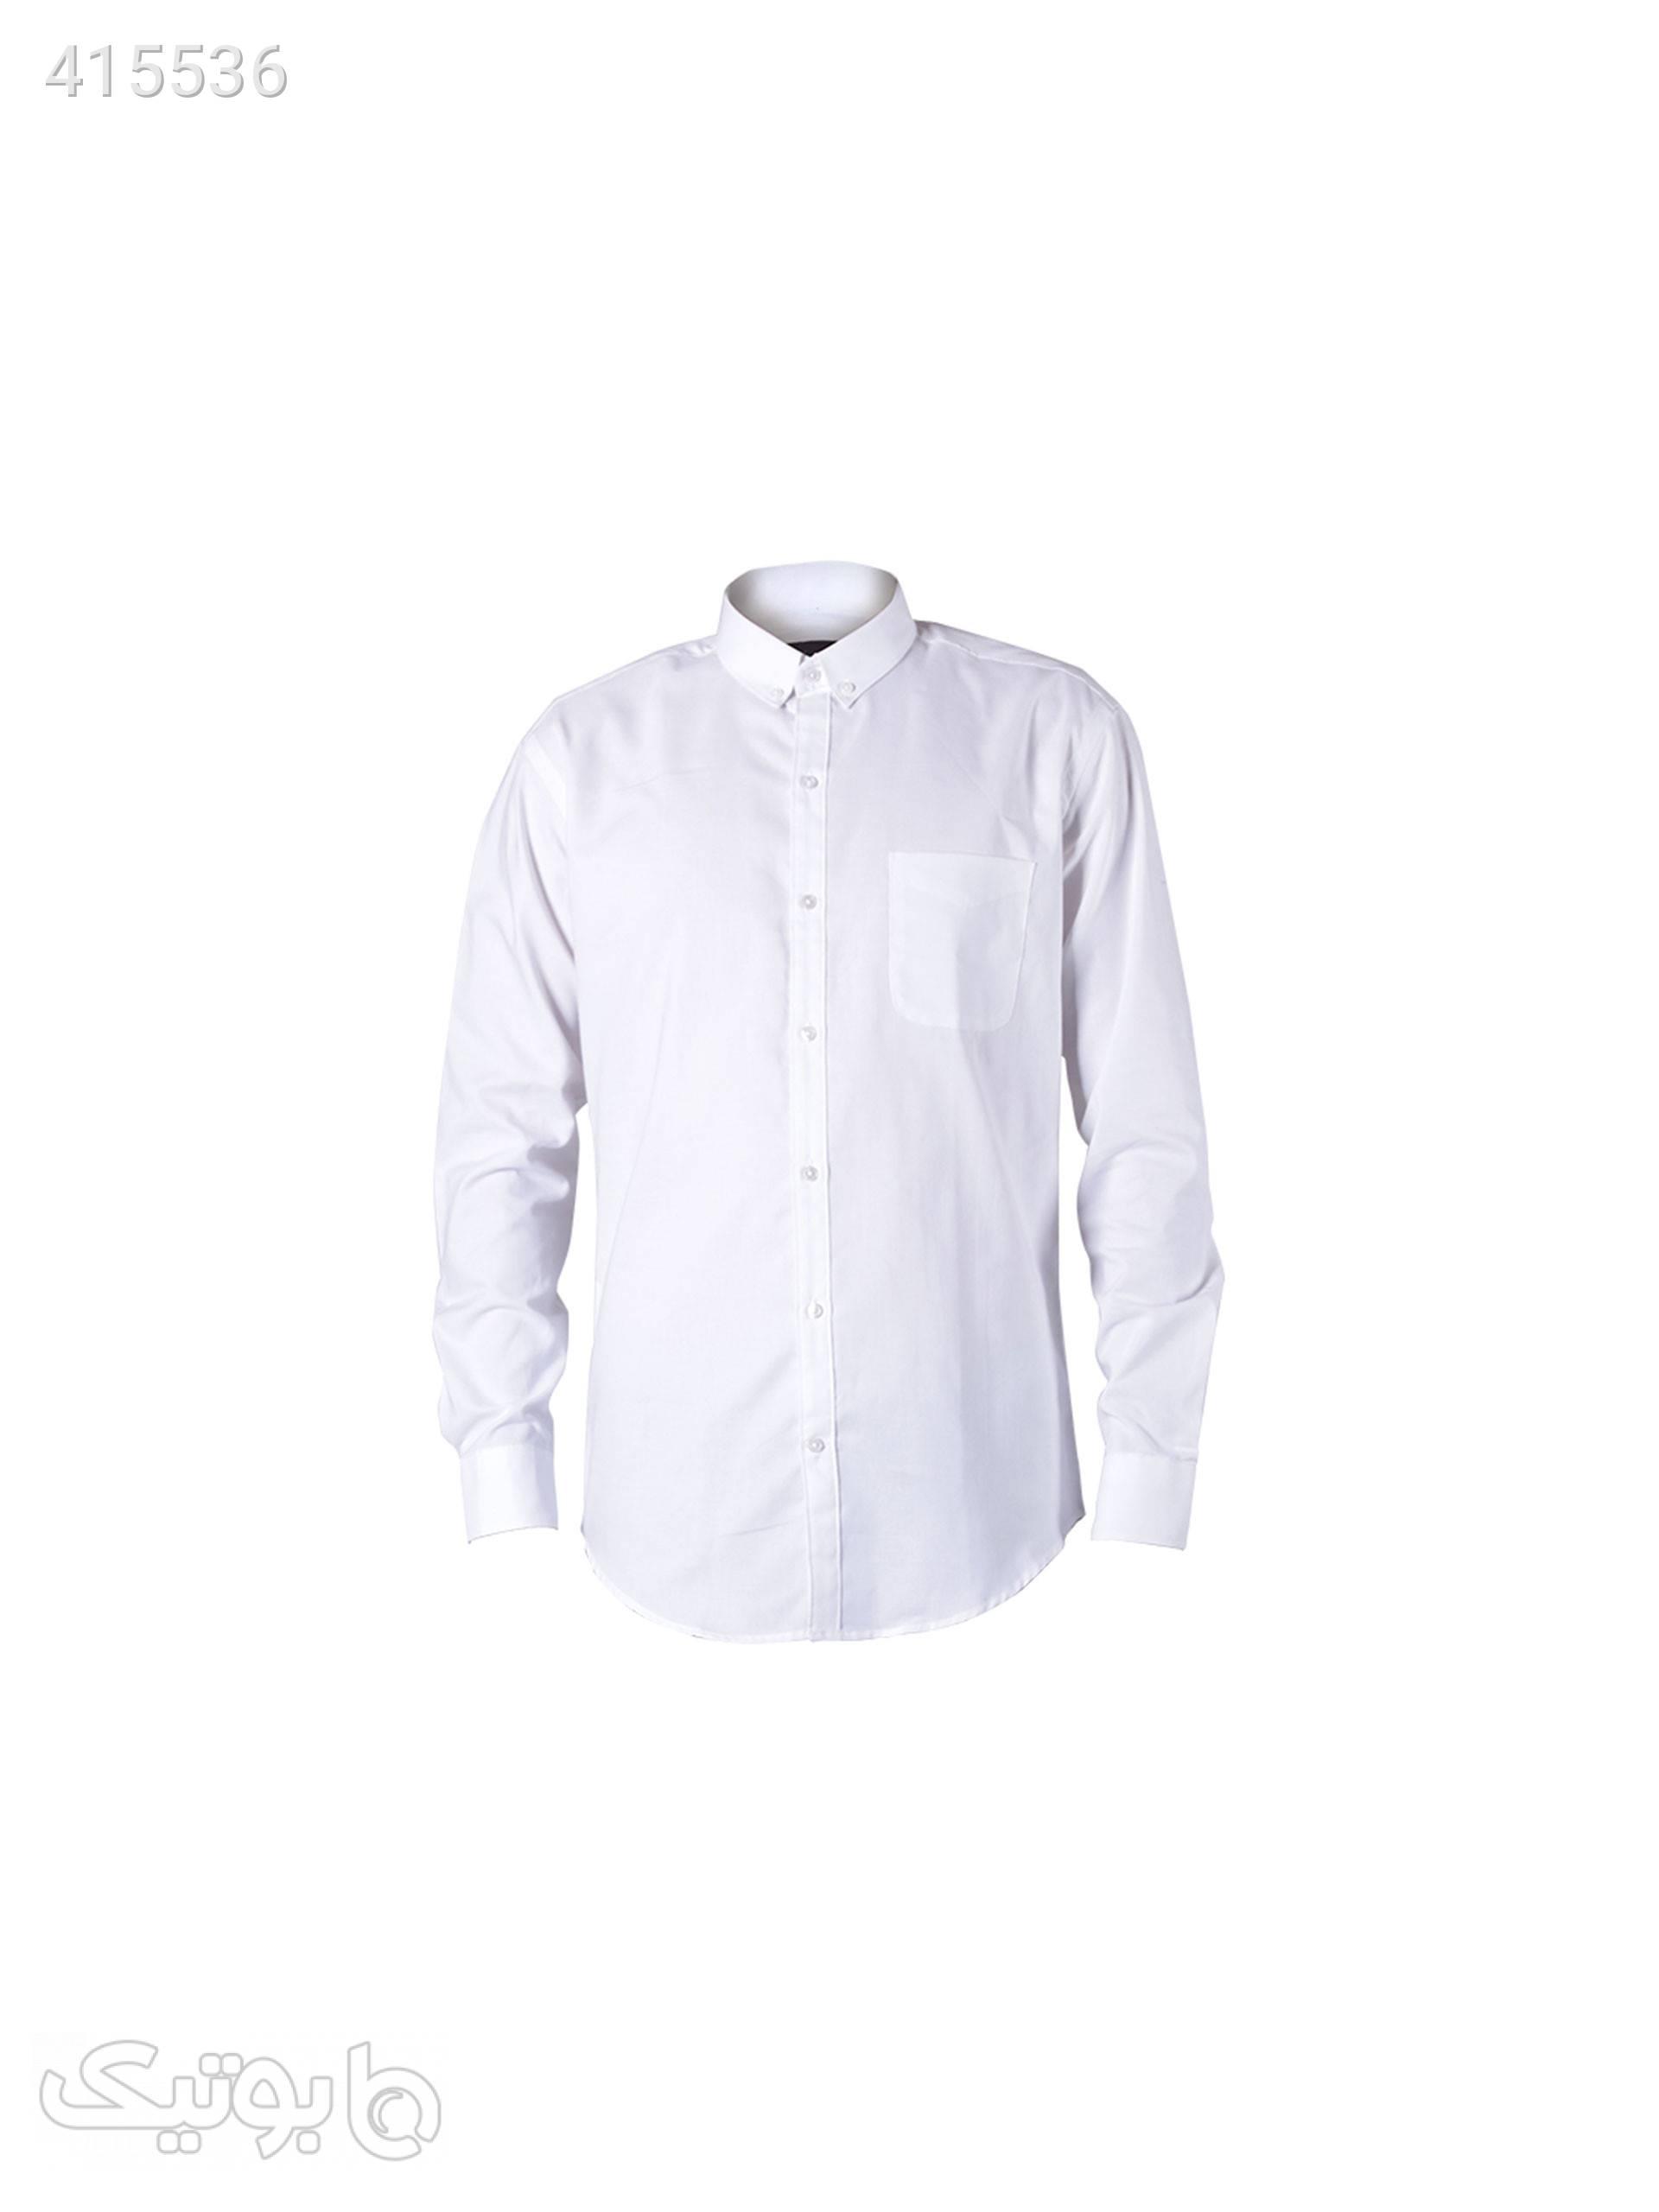 پیراهن مردانه جودون سفید سفید پيراهن مردانه